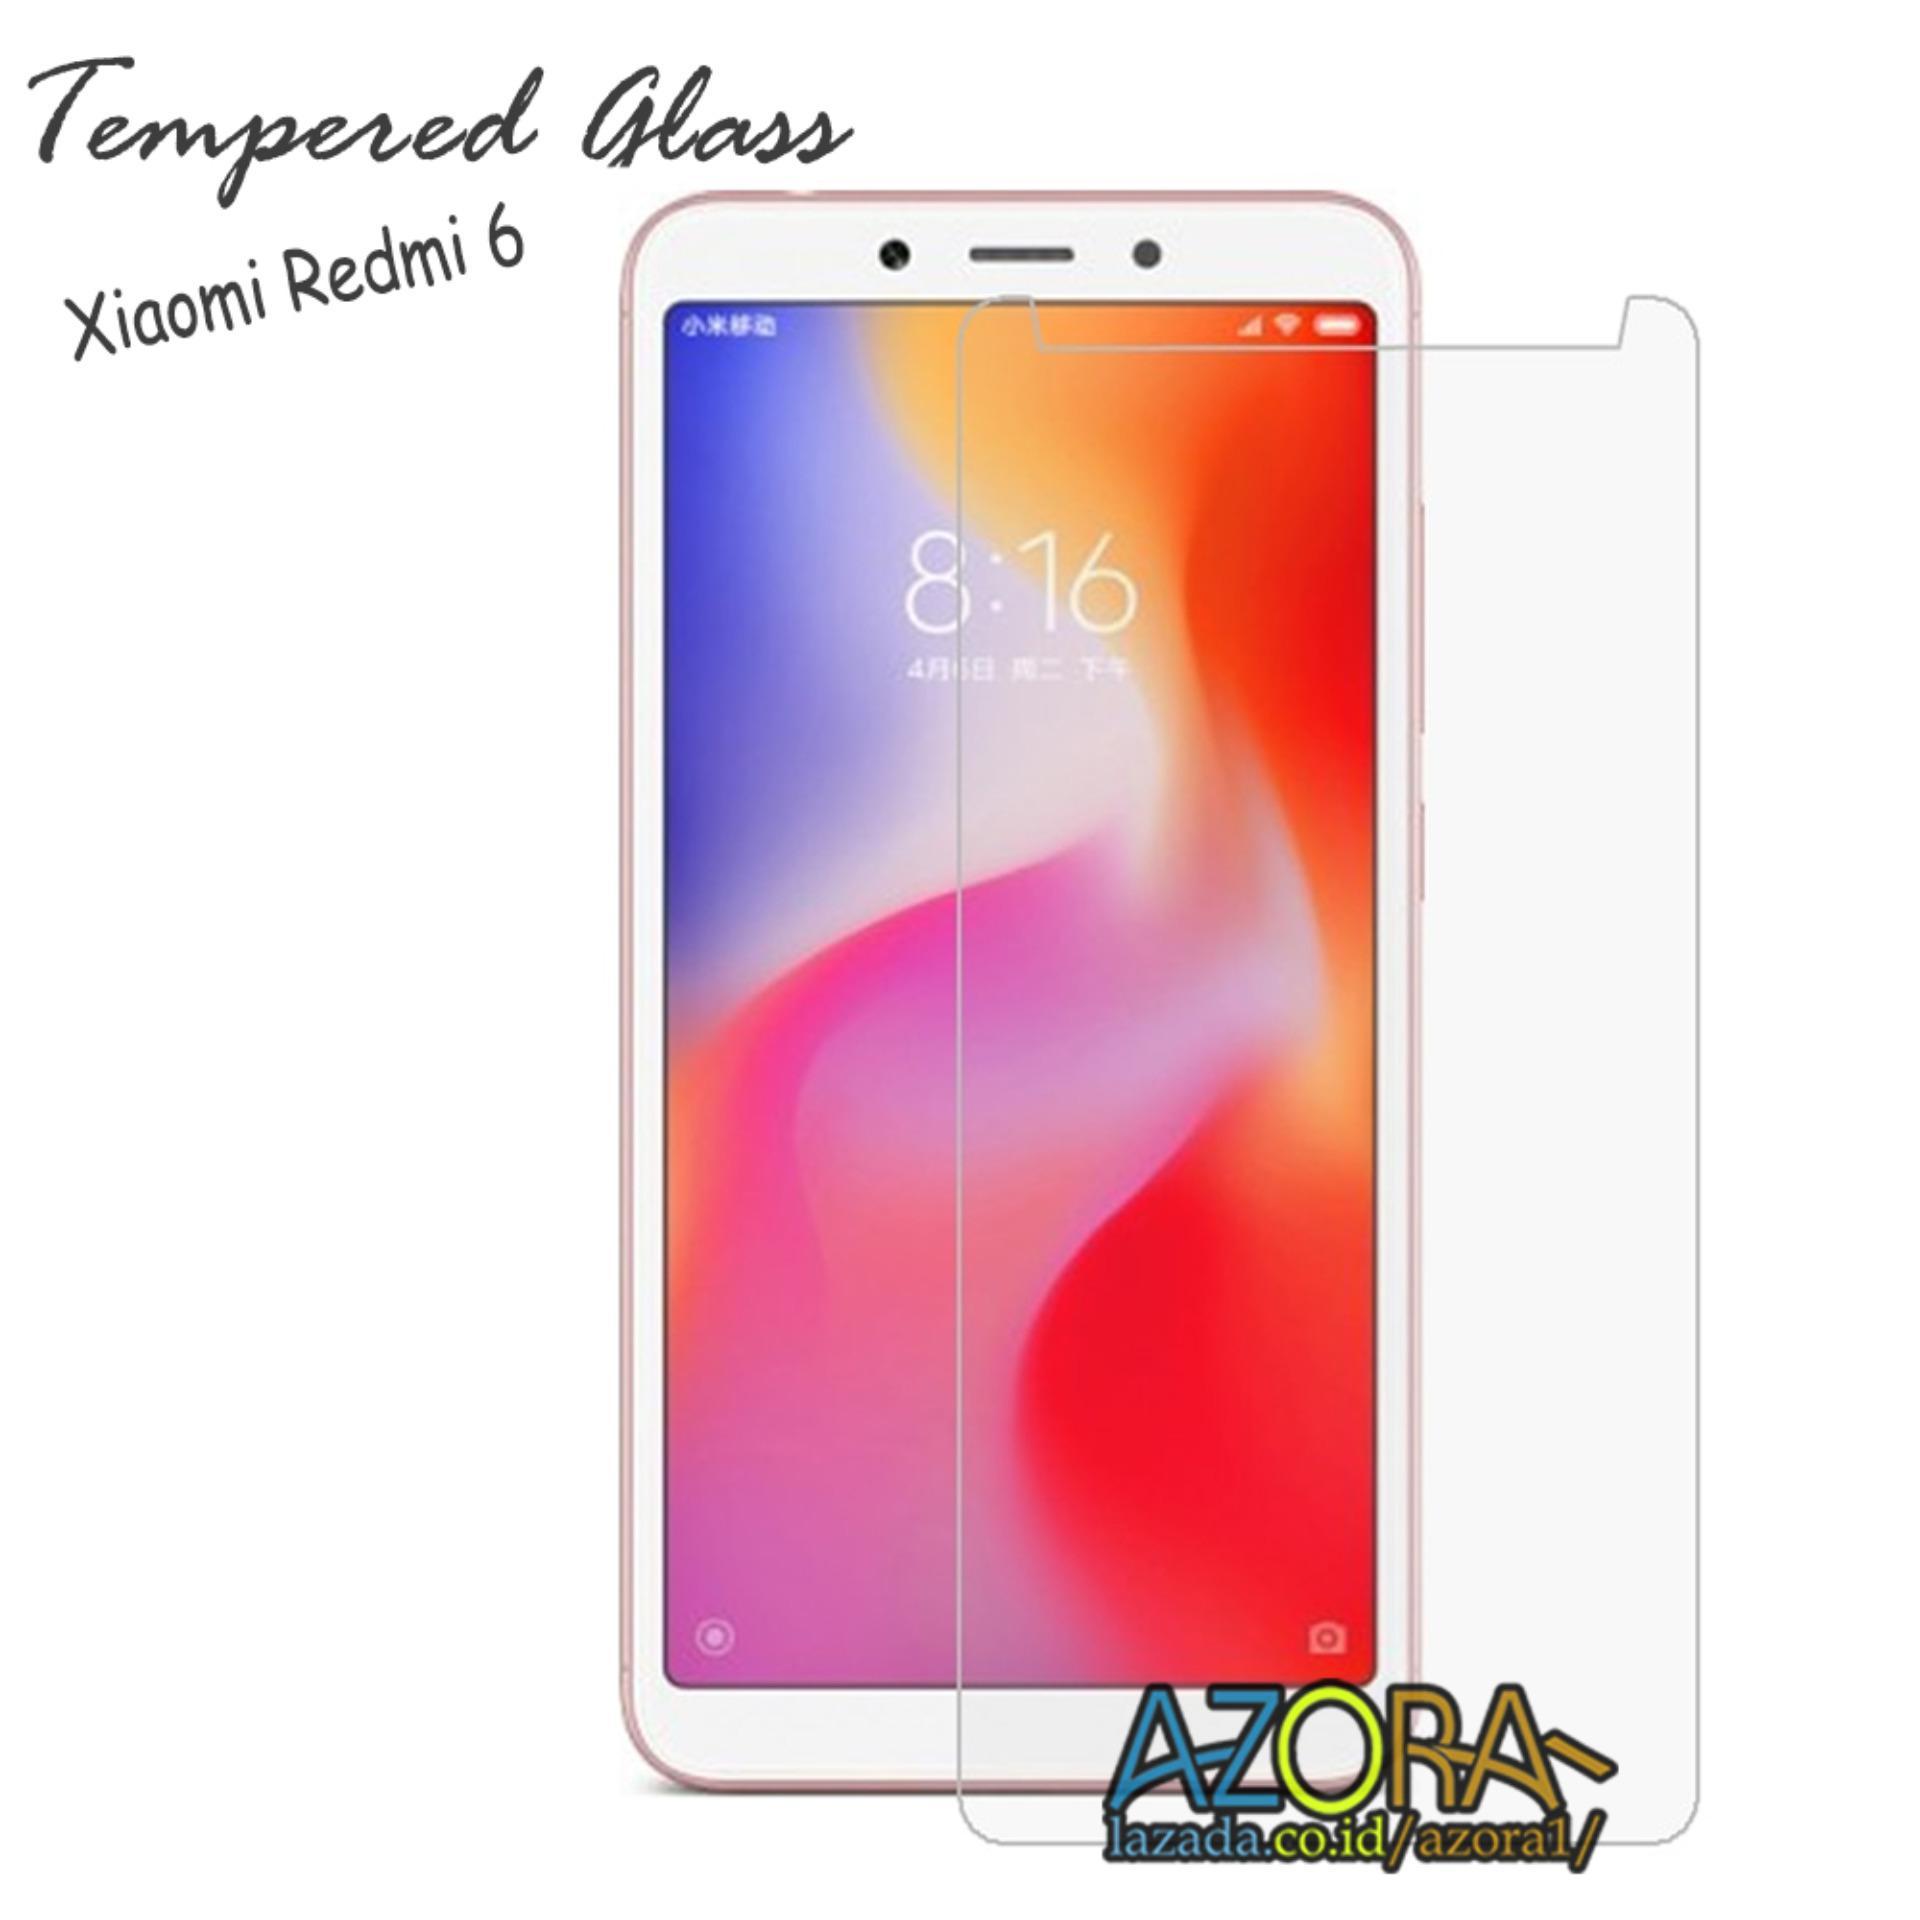 Tempered Glass Xiaomi Redmi 6 Screen Protector Pelindung Layar Kaca Anti Gores - Bening